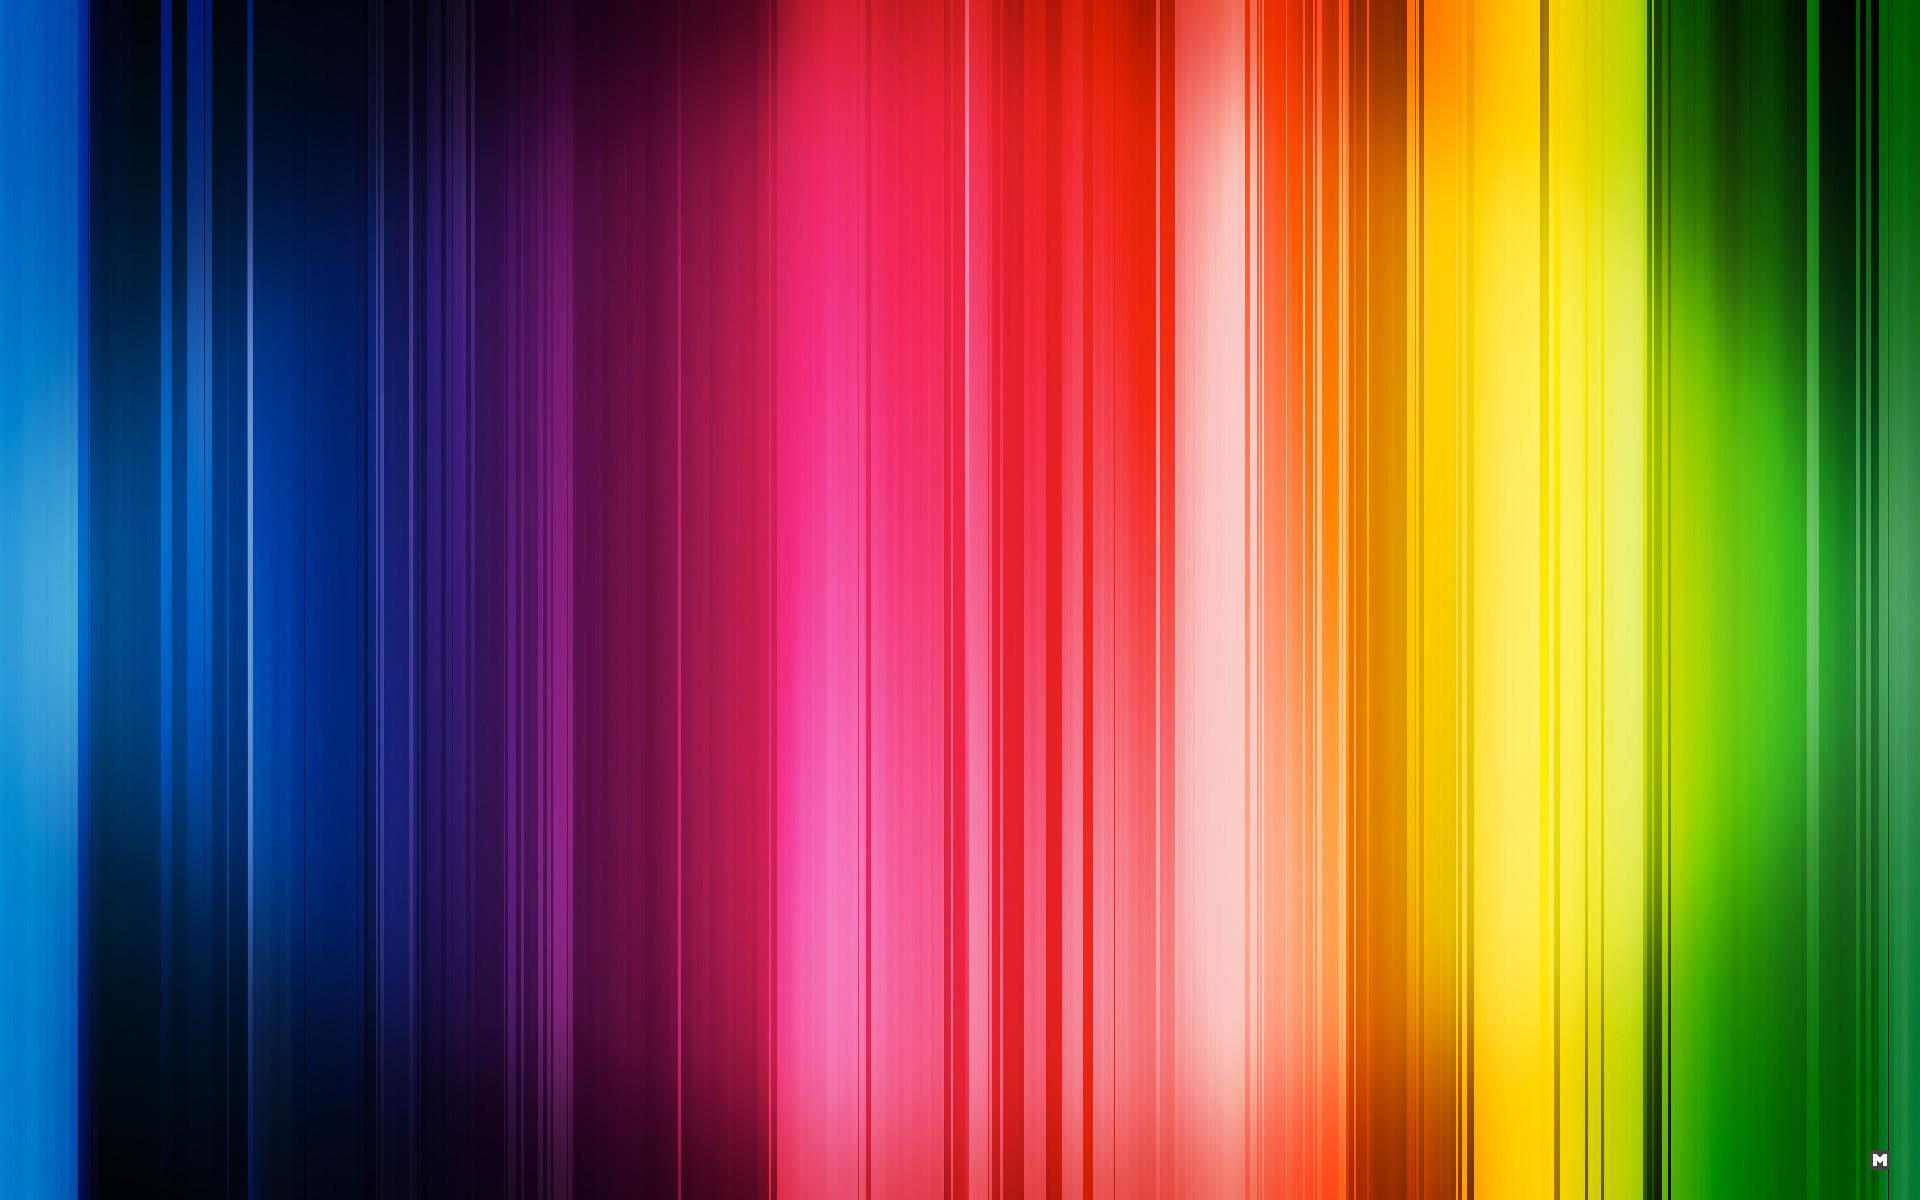 Картинки с переливом цвета, прикольные картинки